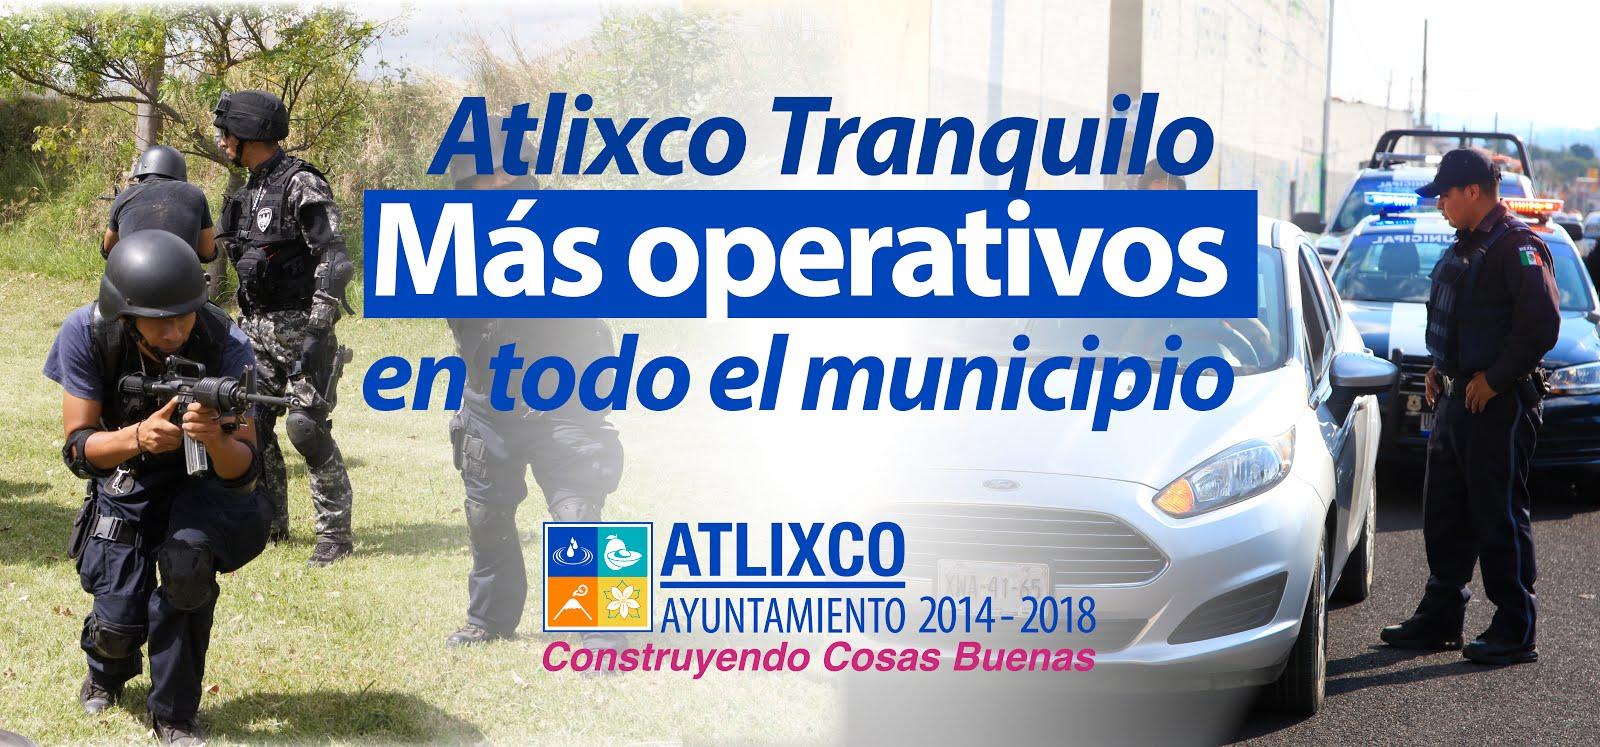 Atlixco, un municipio seguro